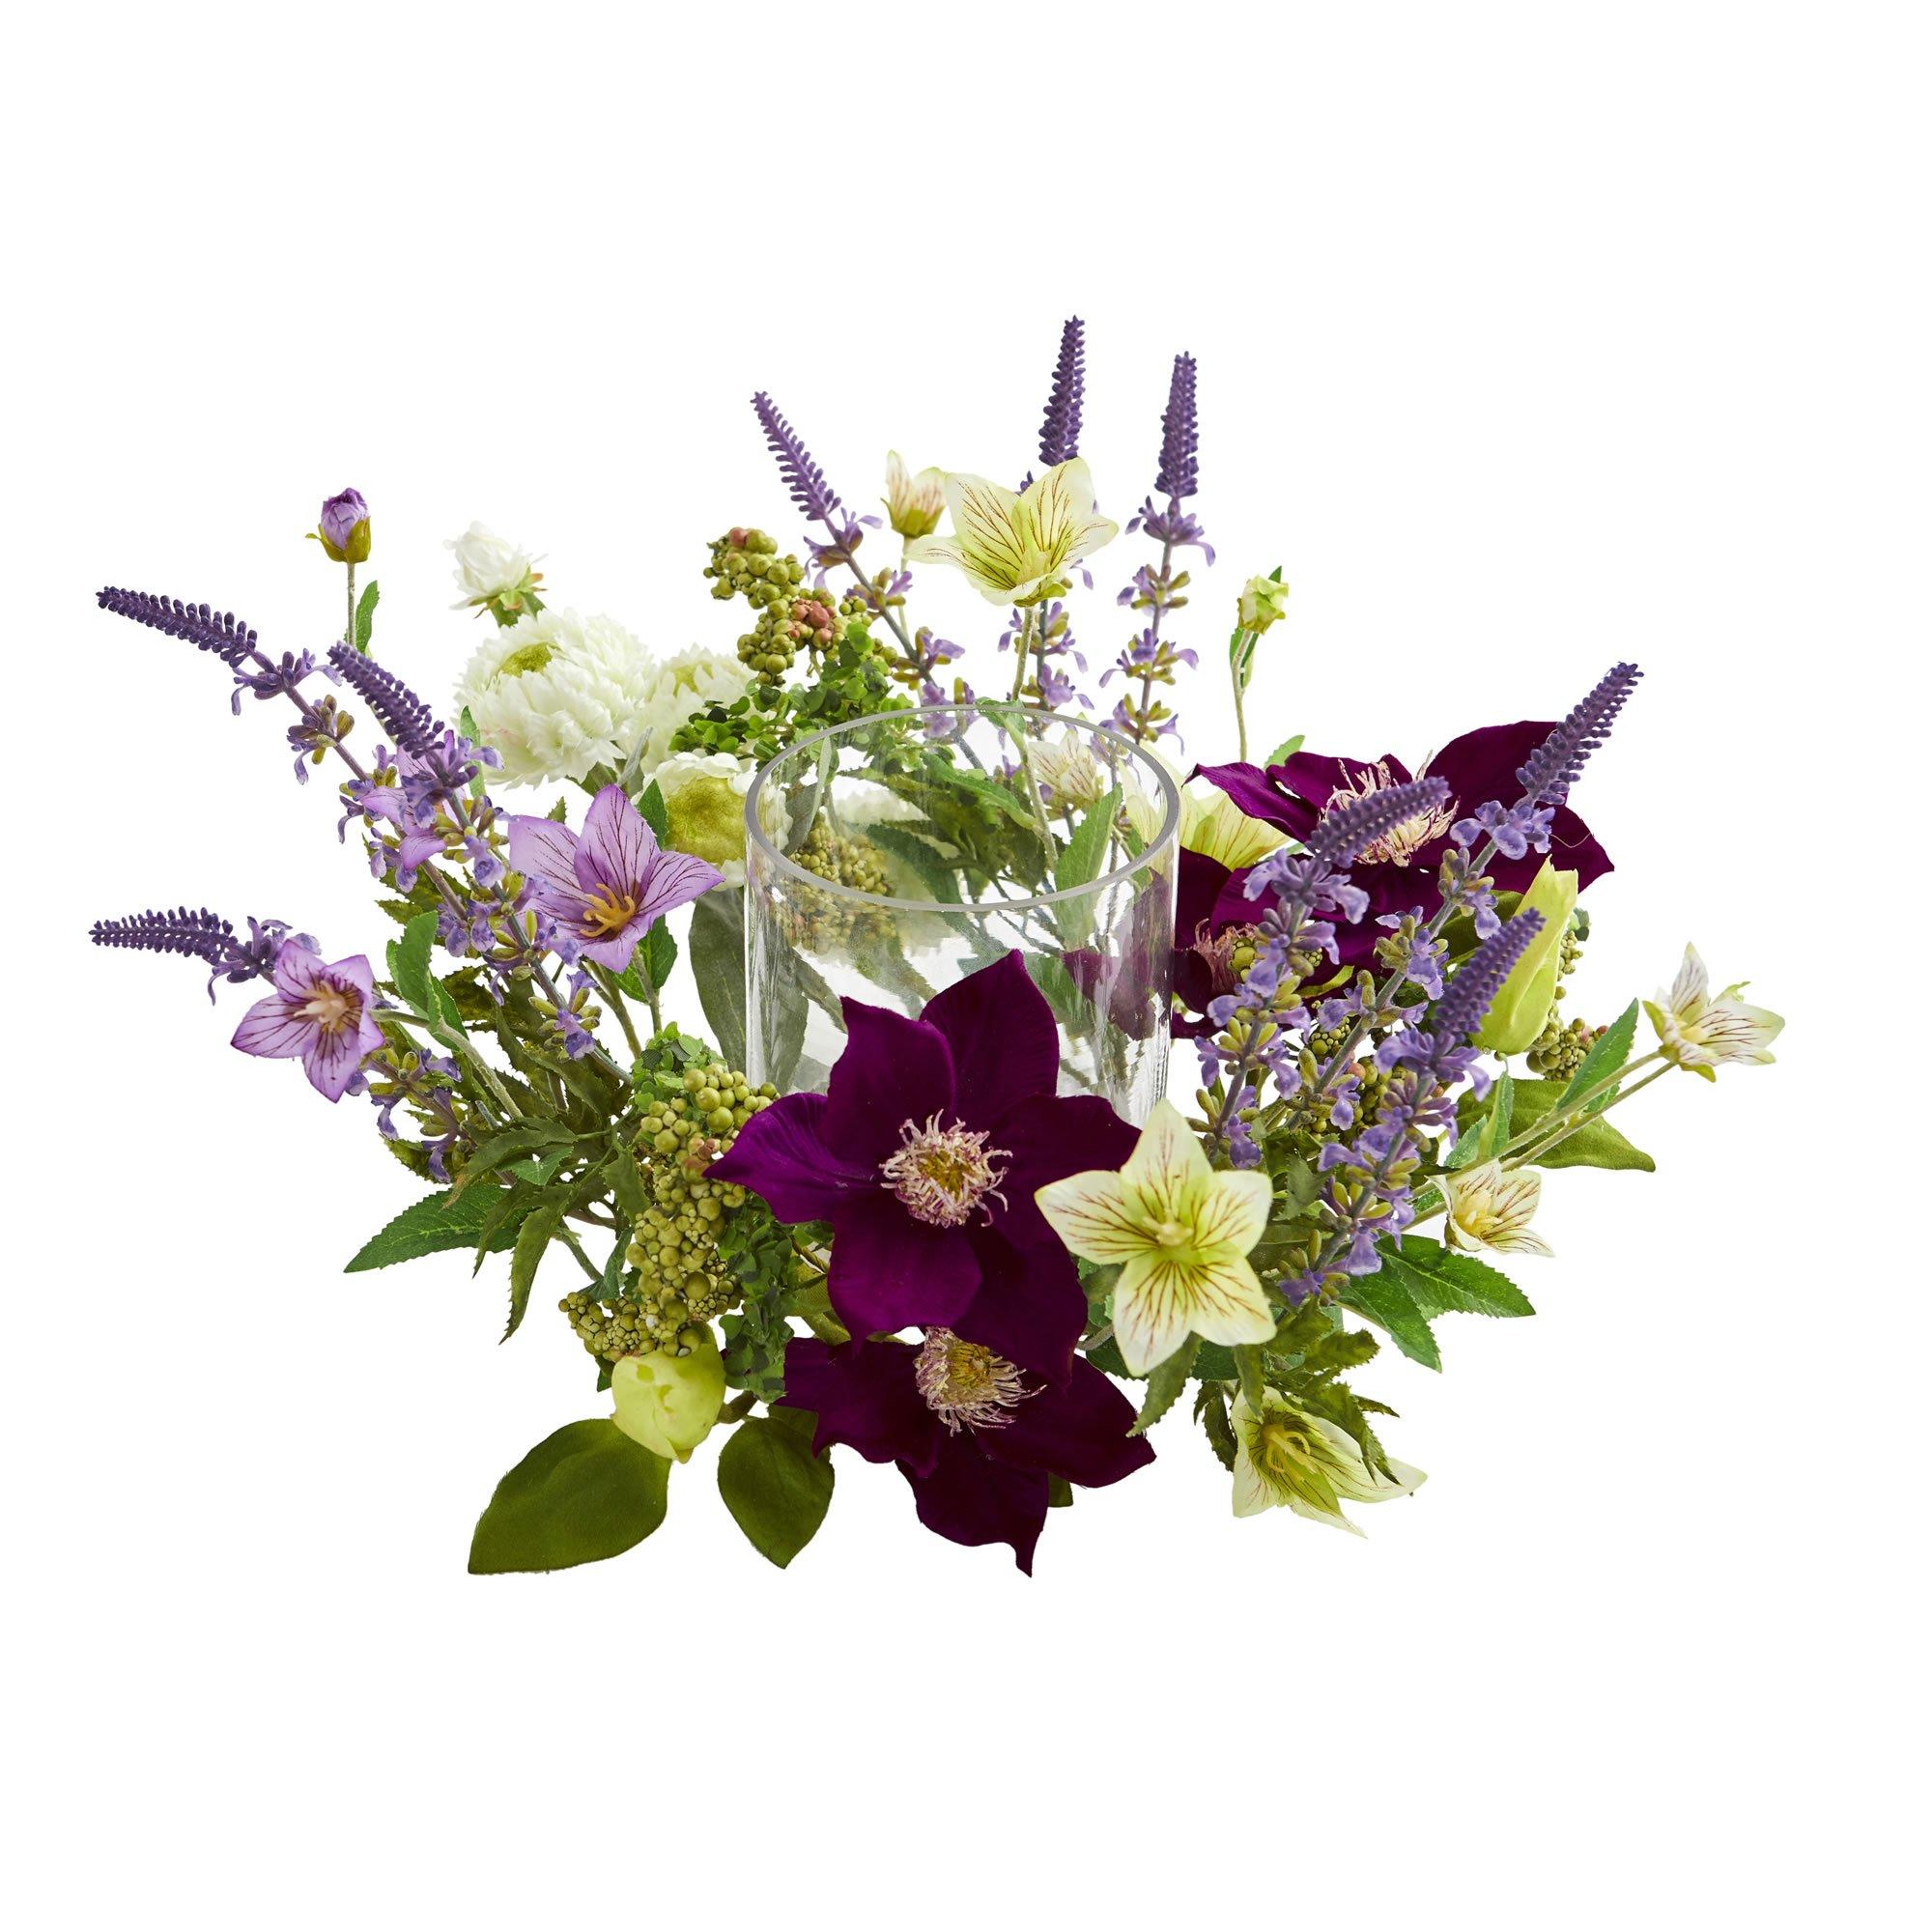 Silk Flowers Mixed Floral Arrangement Candelabrum Artificial